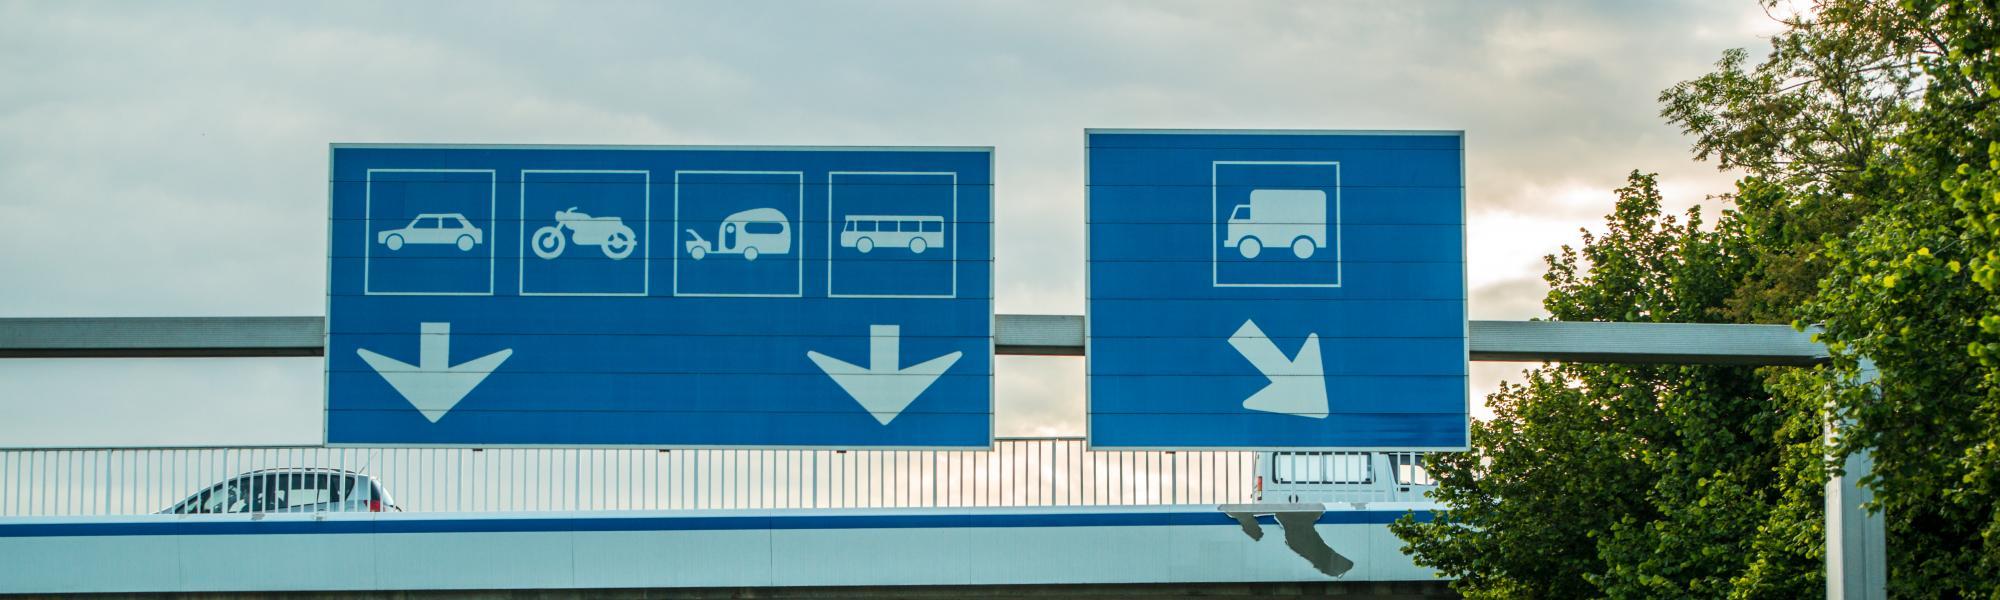 IRU и ЕЭК ООН: согласованные таможенные меры поддержат цепочки поставок